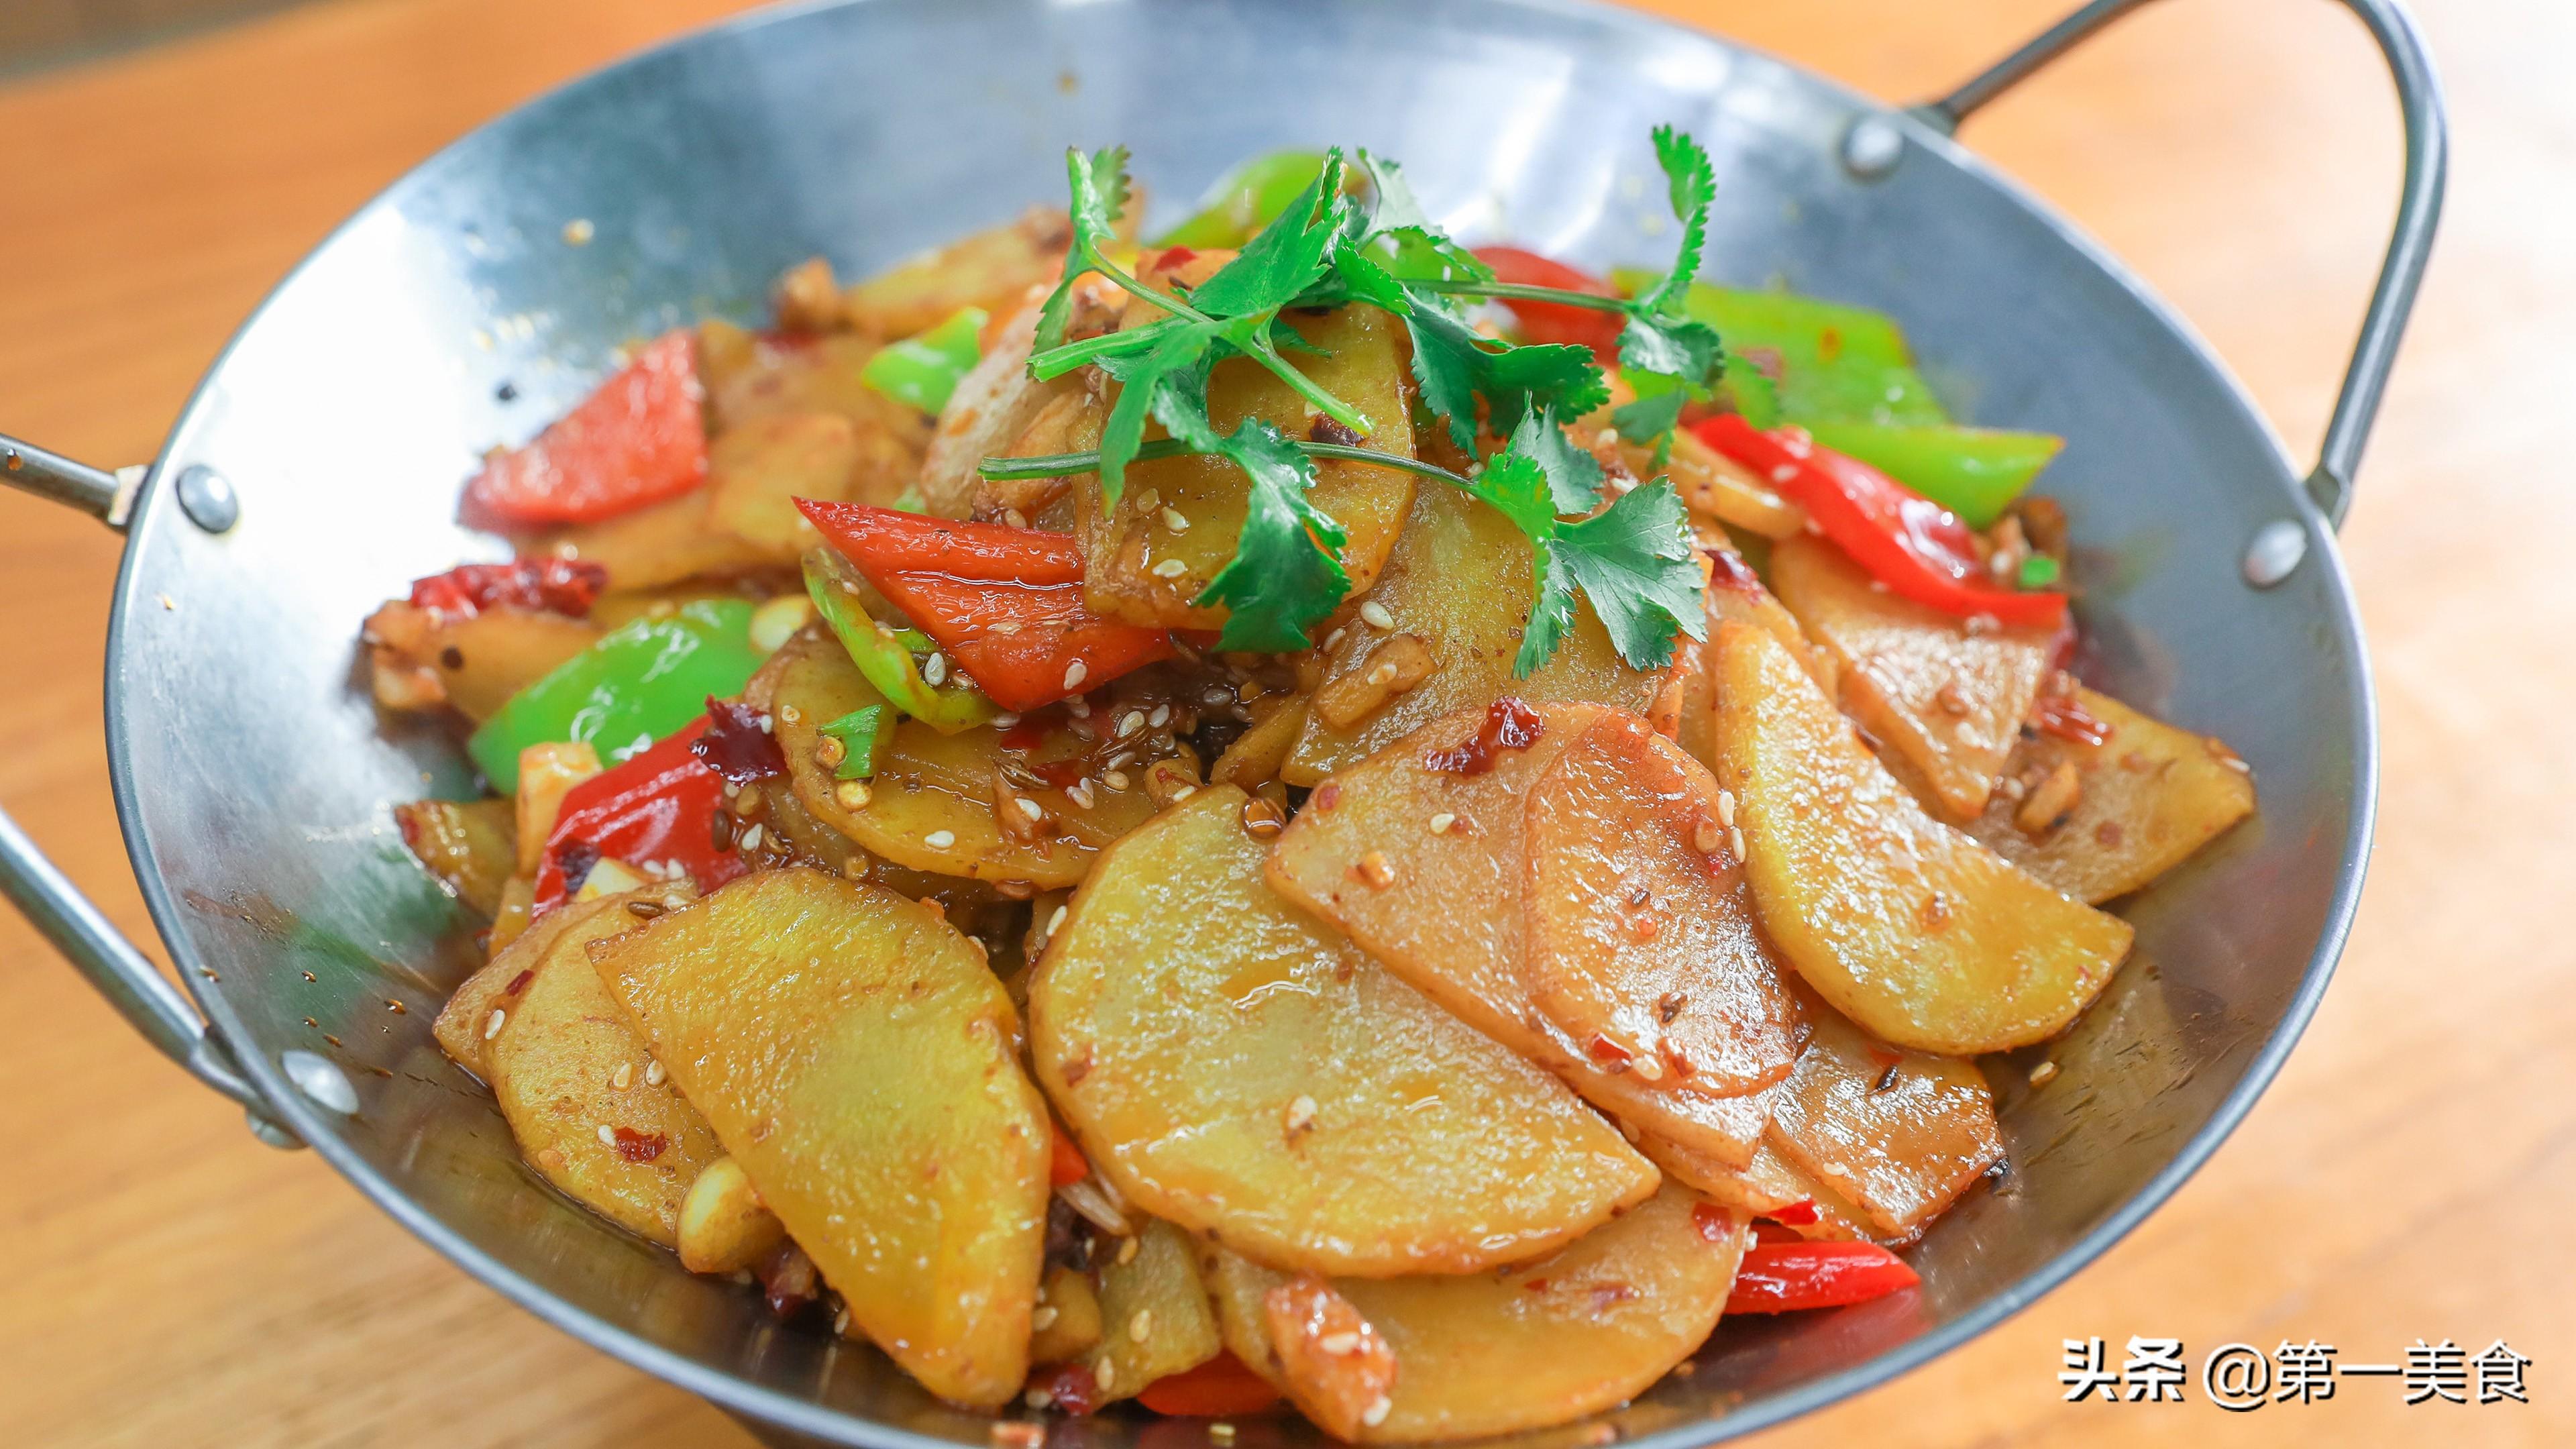 干锅土豆片家常做法 简单即美味